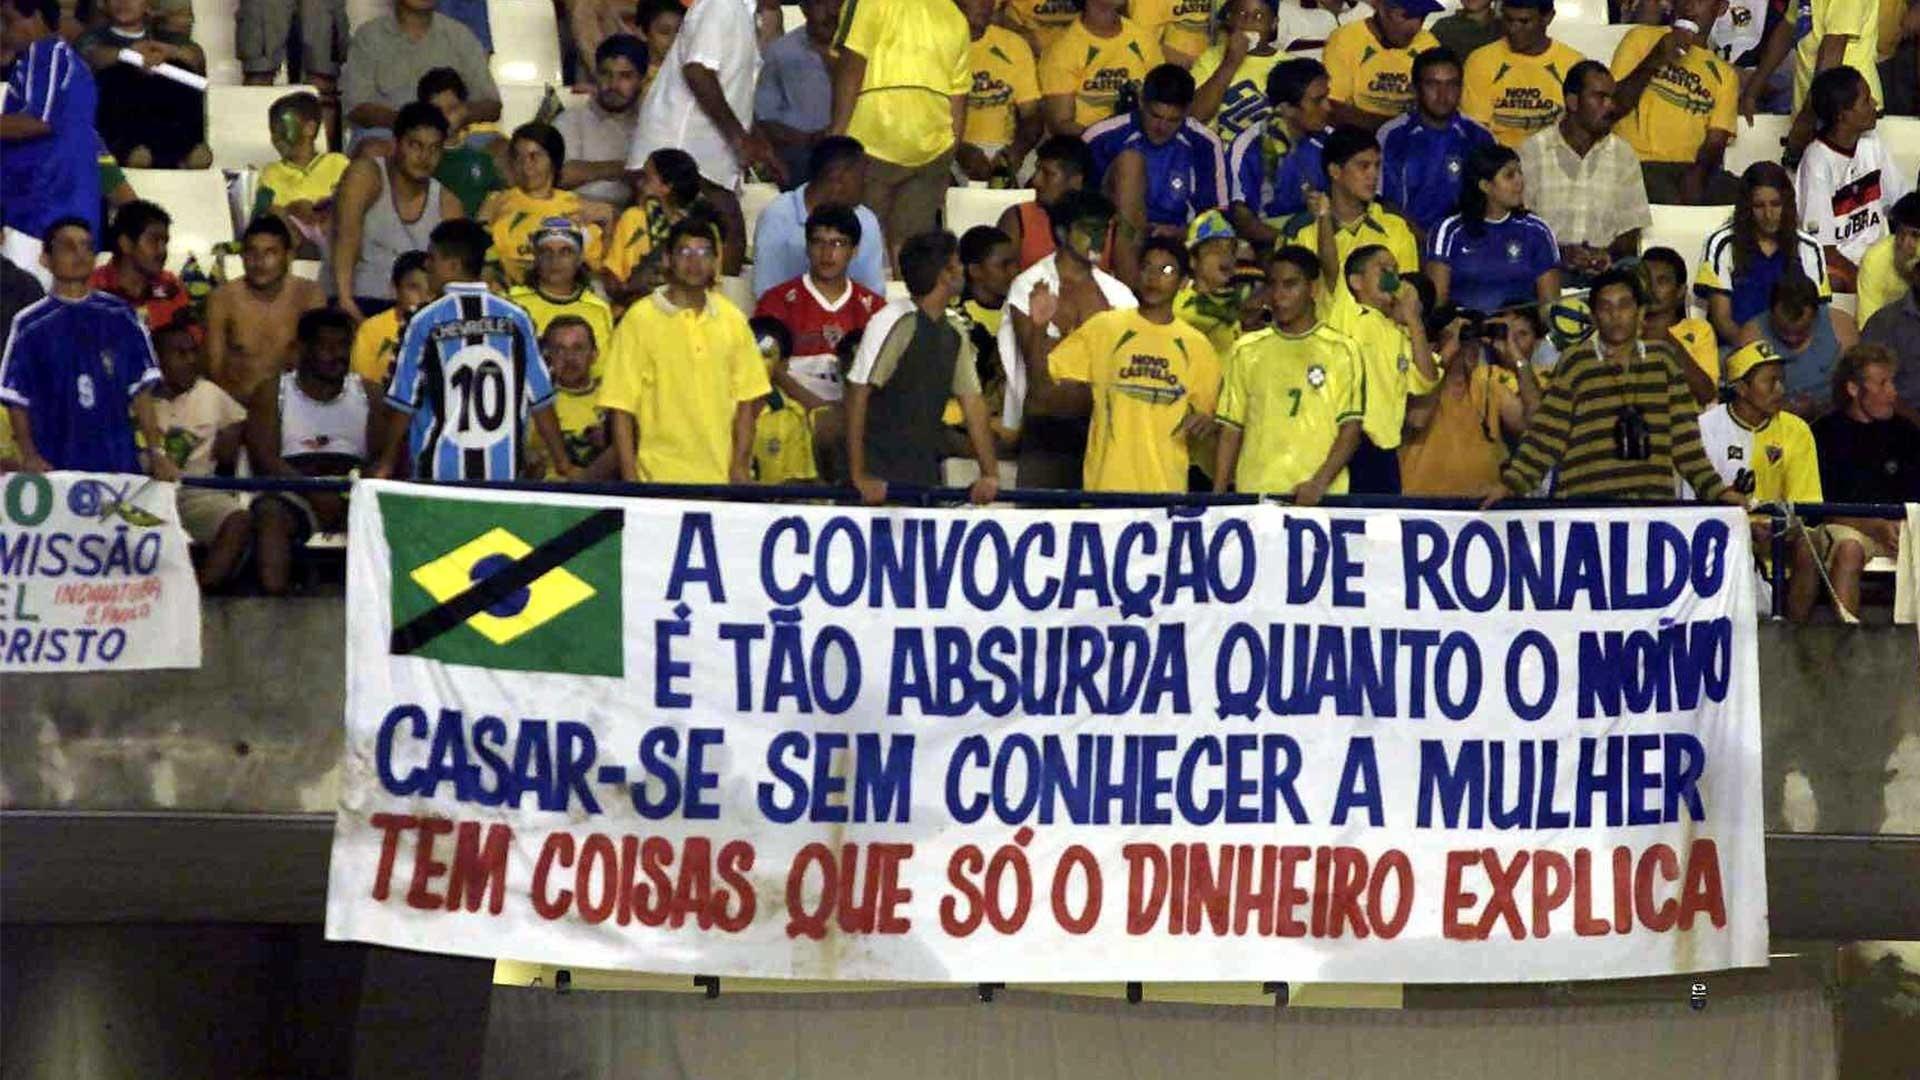 Protesto da torcida contra a convocação de Ronaldo em 2002, em Fortaleza, no último amistoso da seleção no Brasil antes da Copa